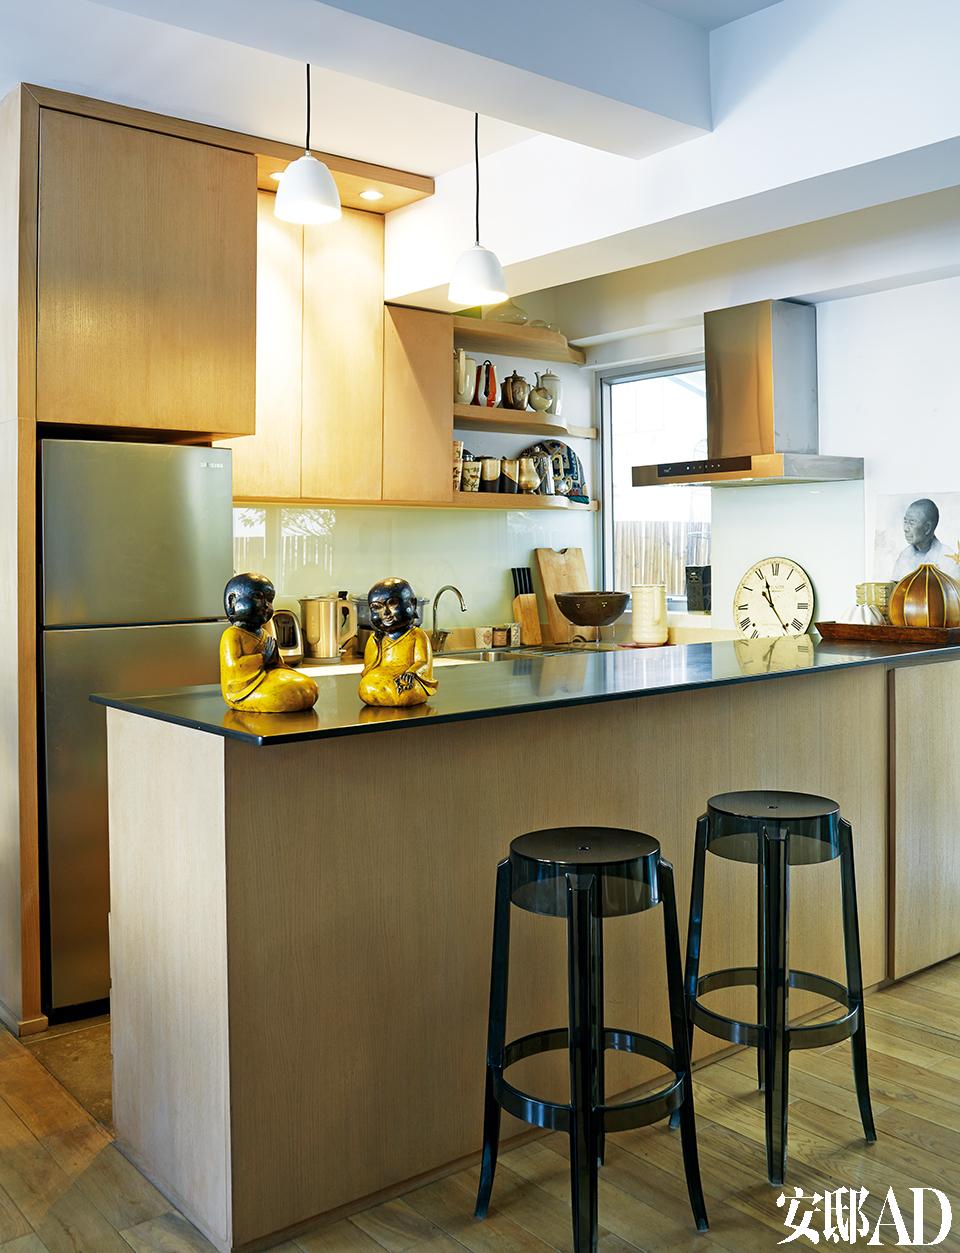 设计师Stefano拆除了原本的隔断墙,由此增加了厨房的空间,使它更为敞亮,并与起居室相连通。橡木橱柜搭配合适的早餐吧台,确保了空间的最大化利用。